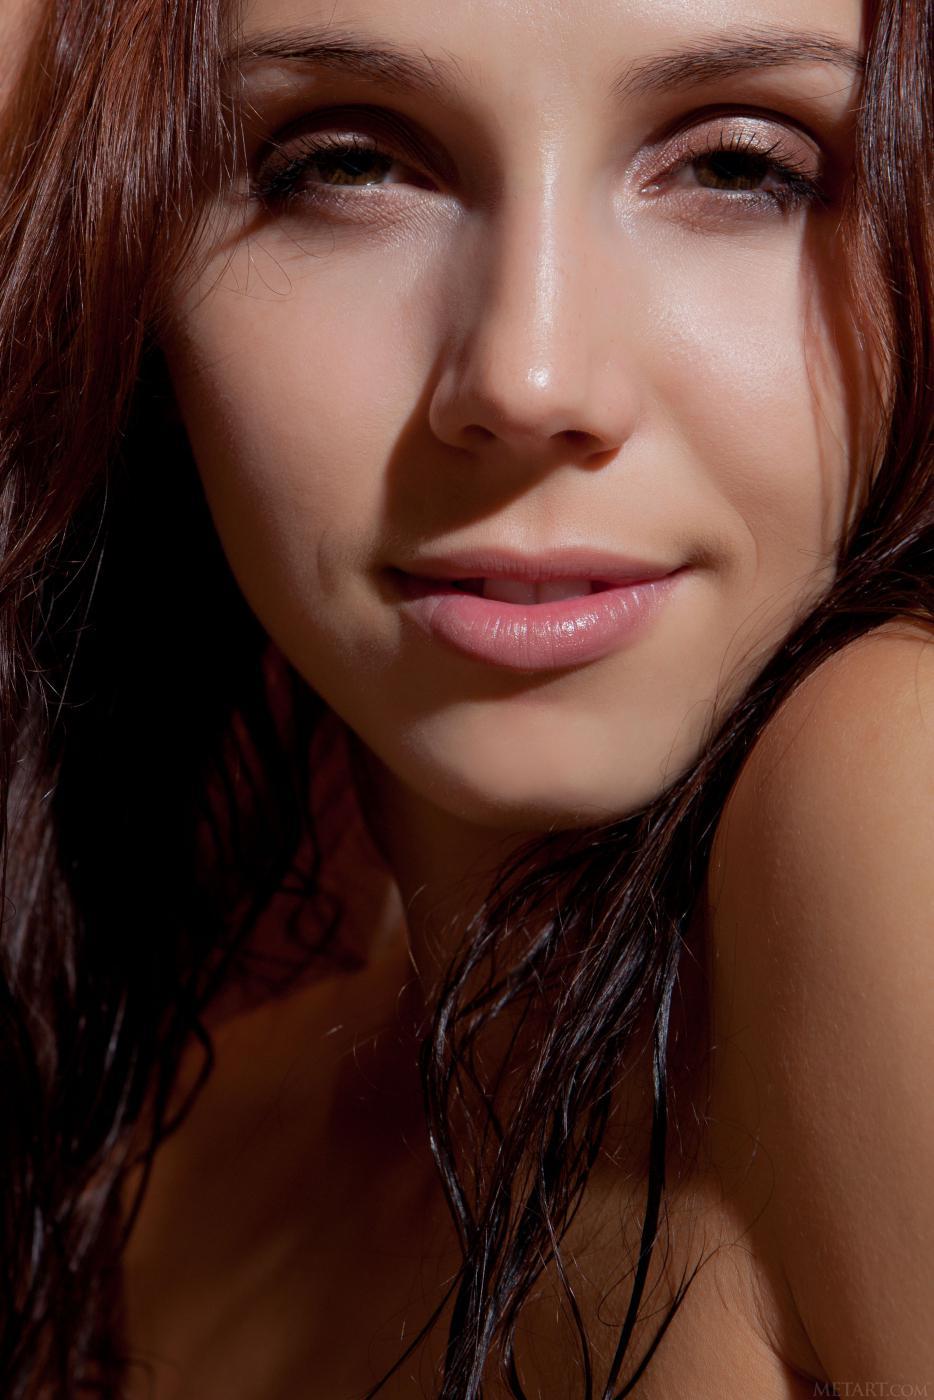 Хотя киска у роскошной юной Gemma A с сексуальной стрижкой, но она все равно покажет вам чисто выбритую задницу и расщелину